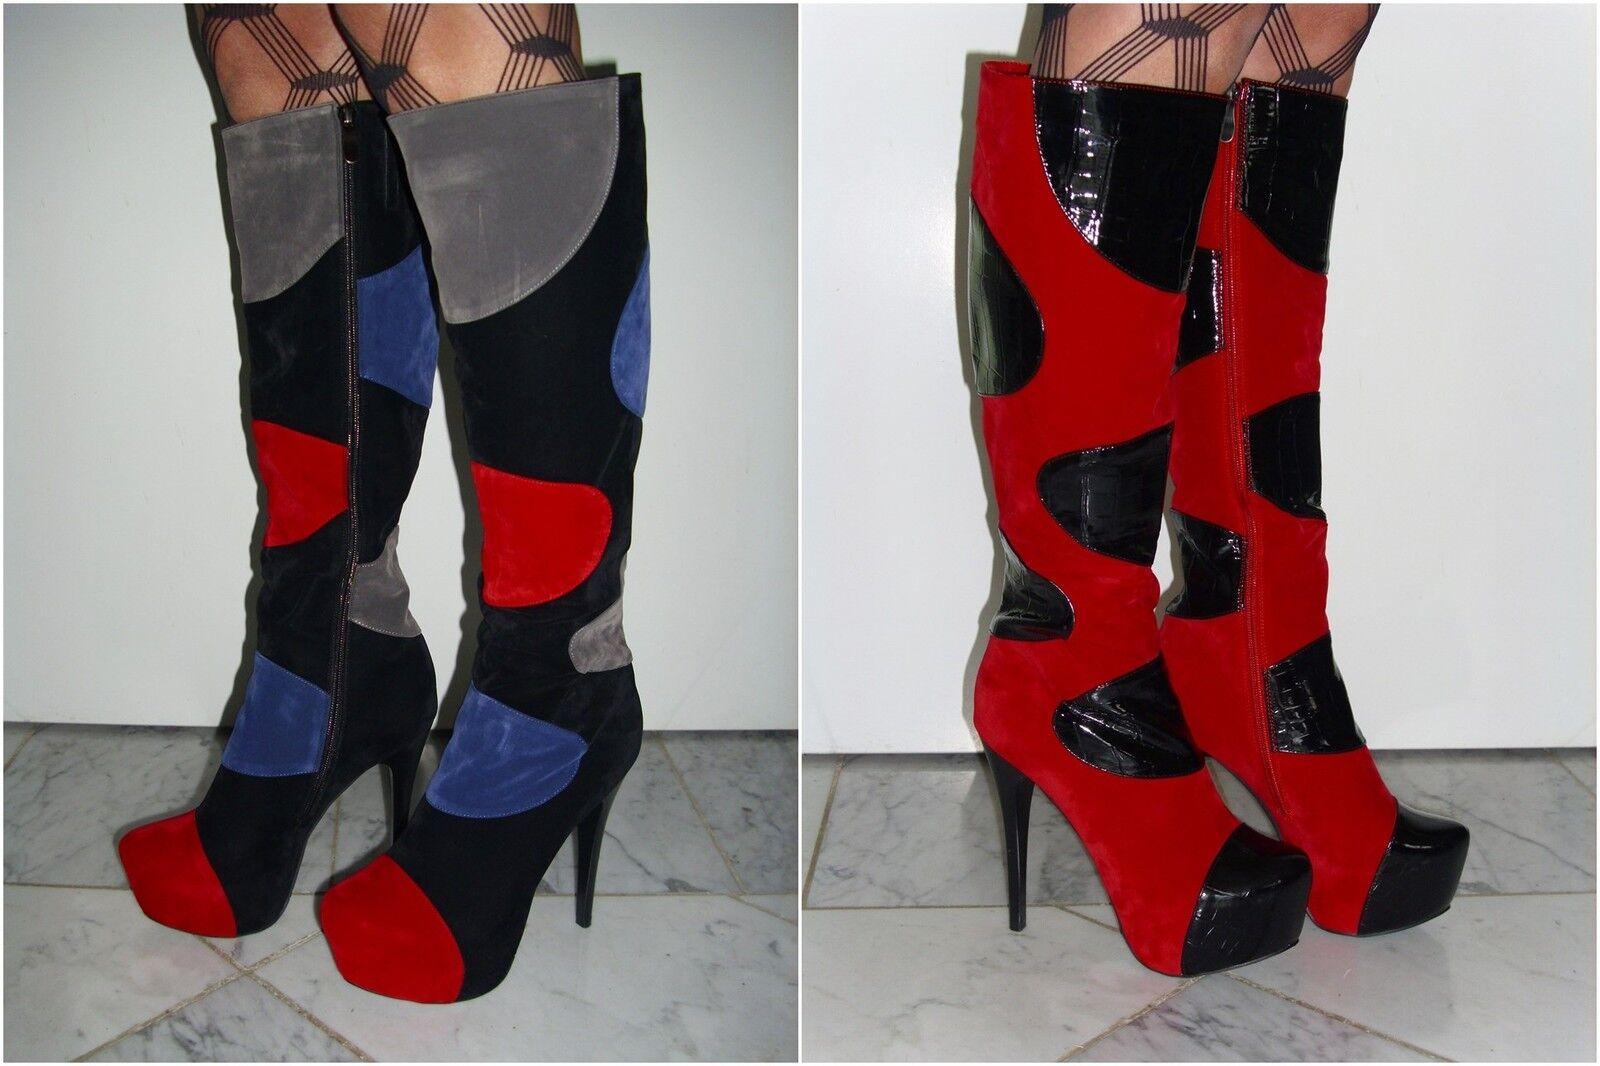 Bottes Femmes Talons Hauts Plateforme Stiletto Noir Couleuré, Rouge Noir ABS. CA 14 cm